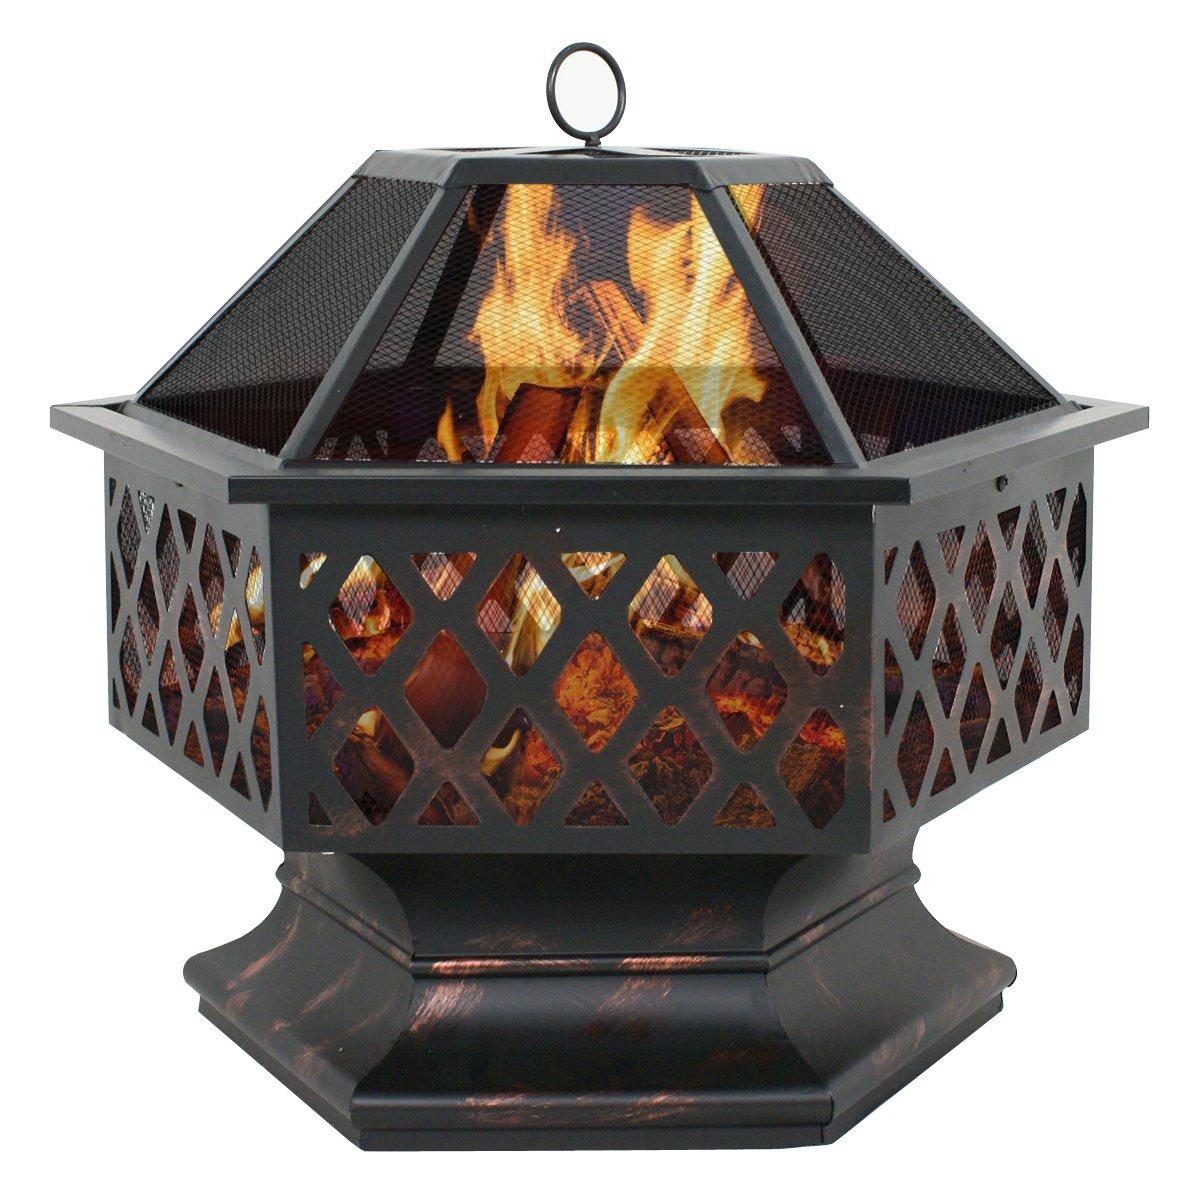 LEMY Hex Shaped Outdoor Fire Pit Wood Burning Fireplace Patio Backyard Heater Steel Firepit Bowl Heavy Steel 24'' by LEMY